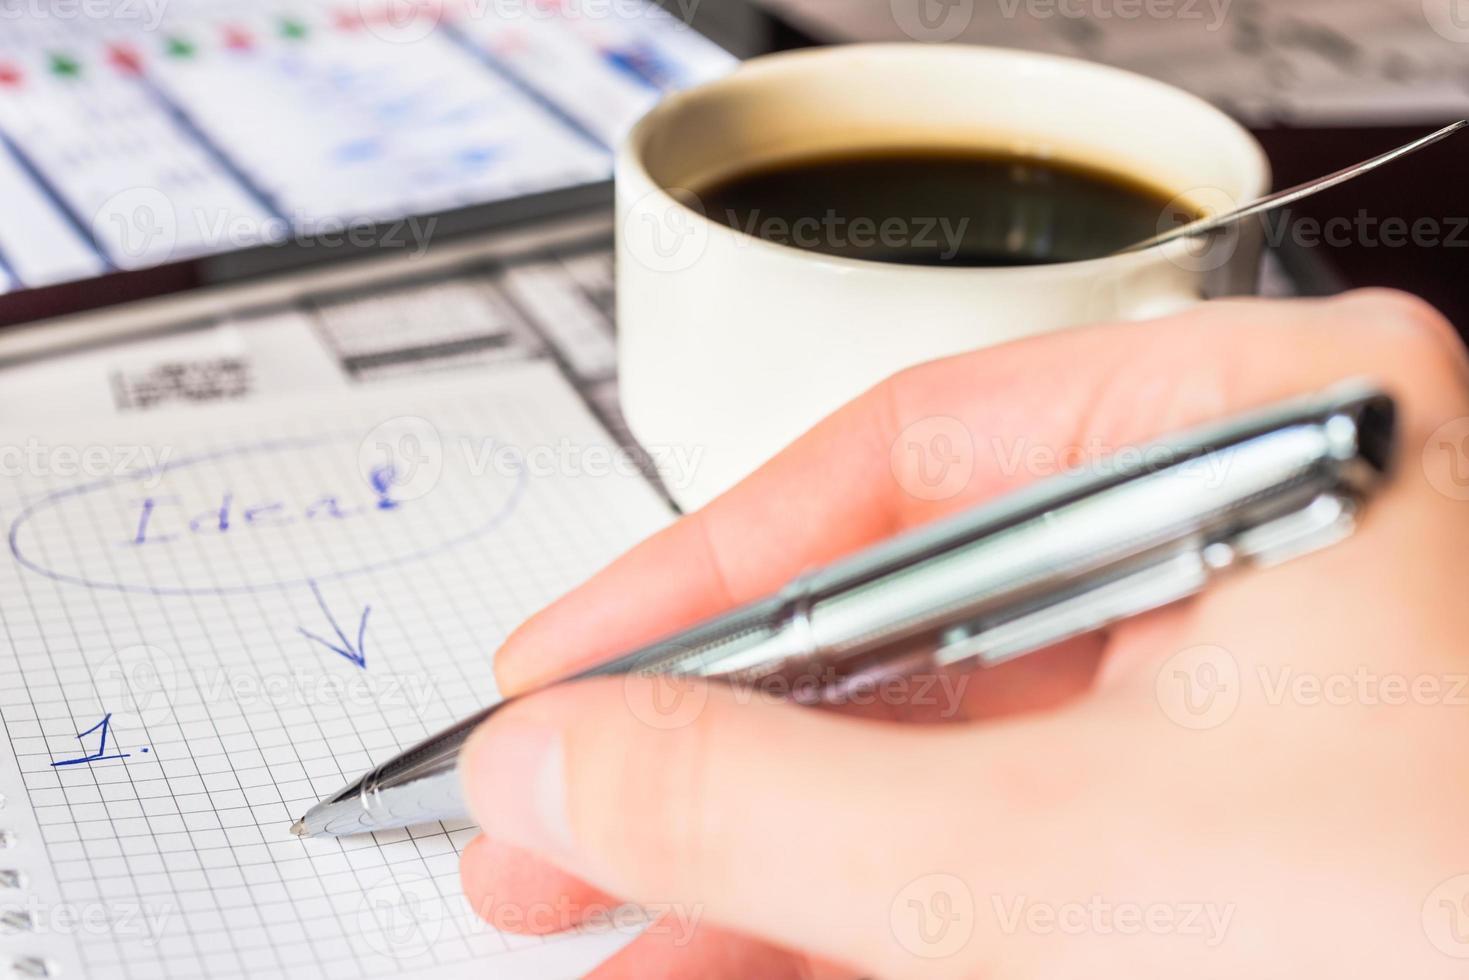 nuove idee nel business, scrivendole tutte foto